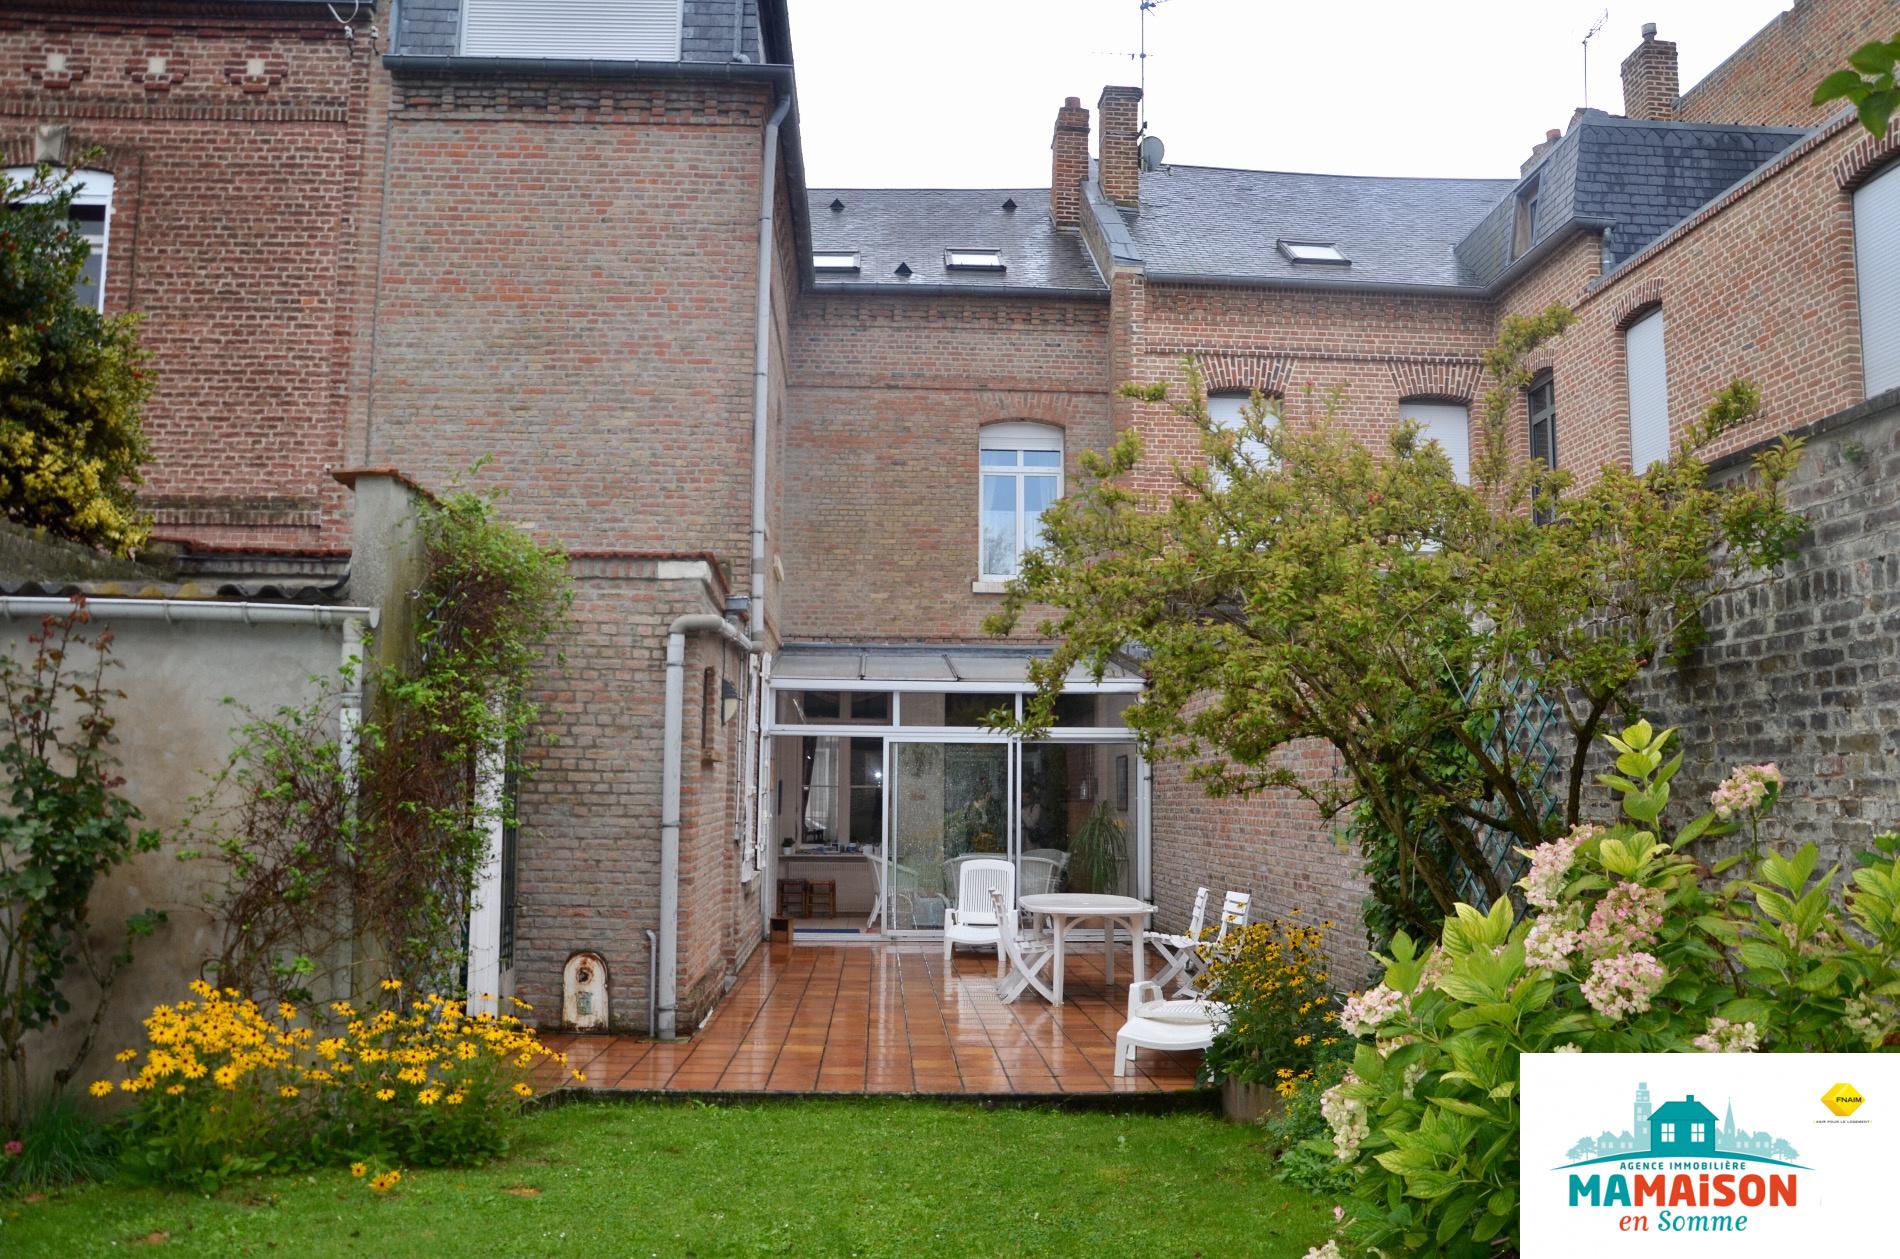 vente Henriville maison avec porte coch¨re 6 chambres jardin